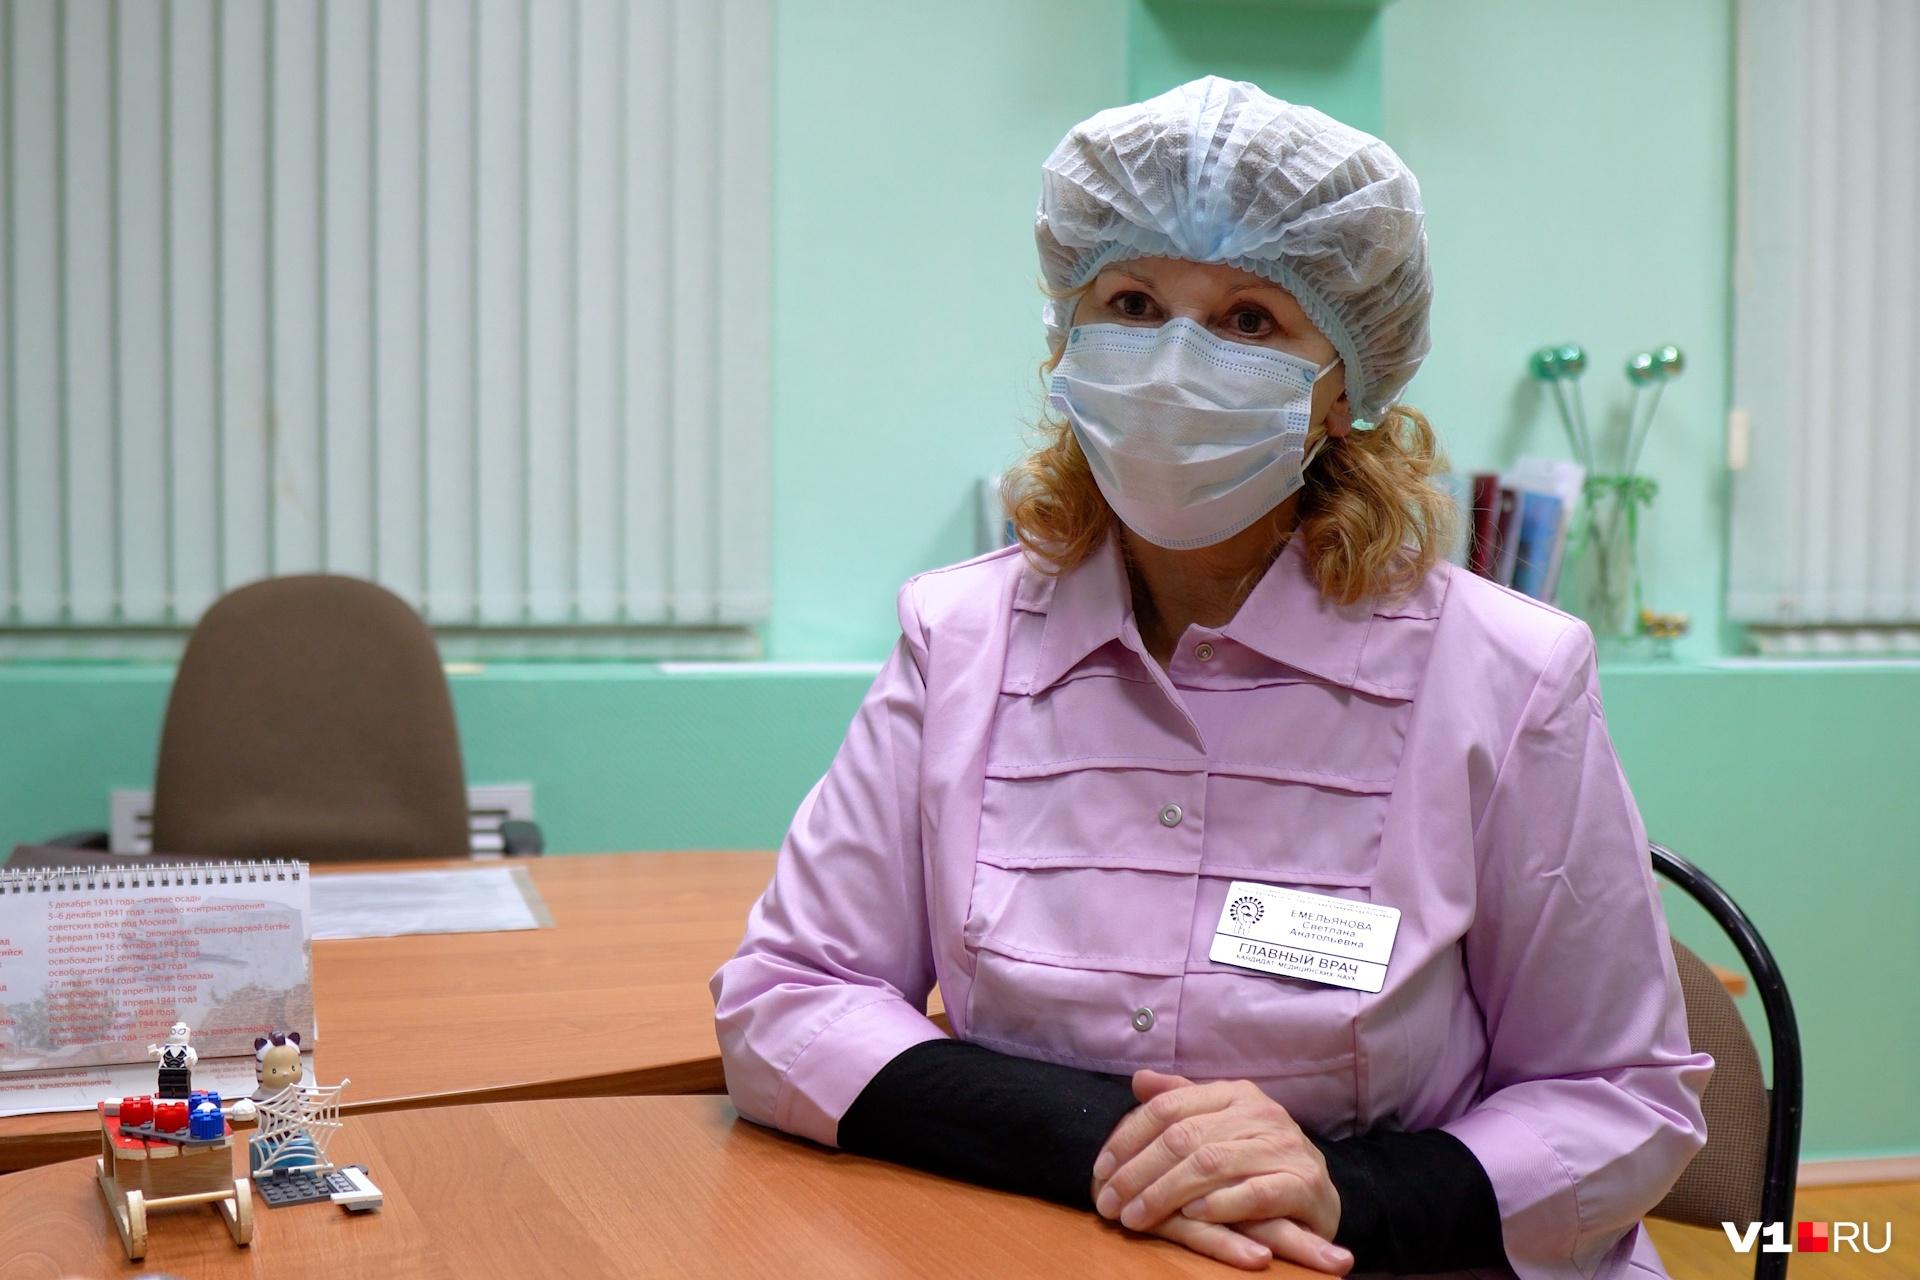 Главный врач детской клинической больницы Светлана Емельянова